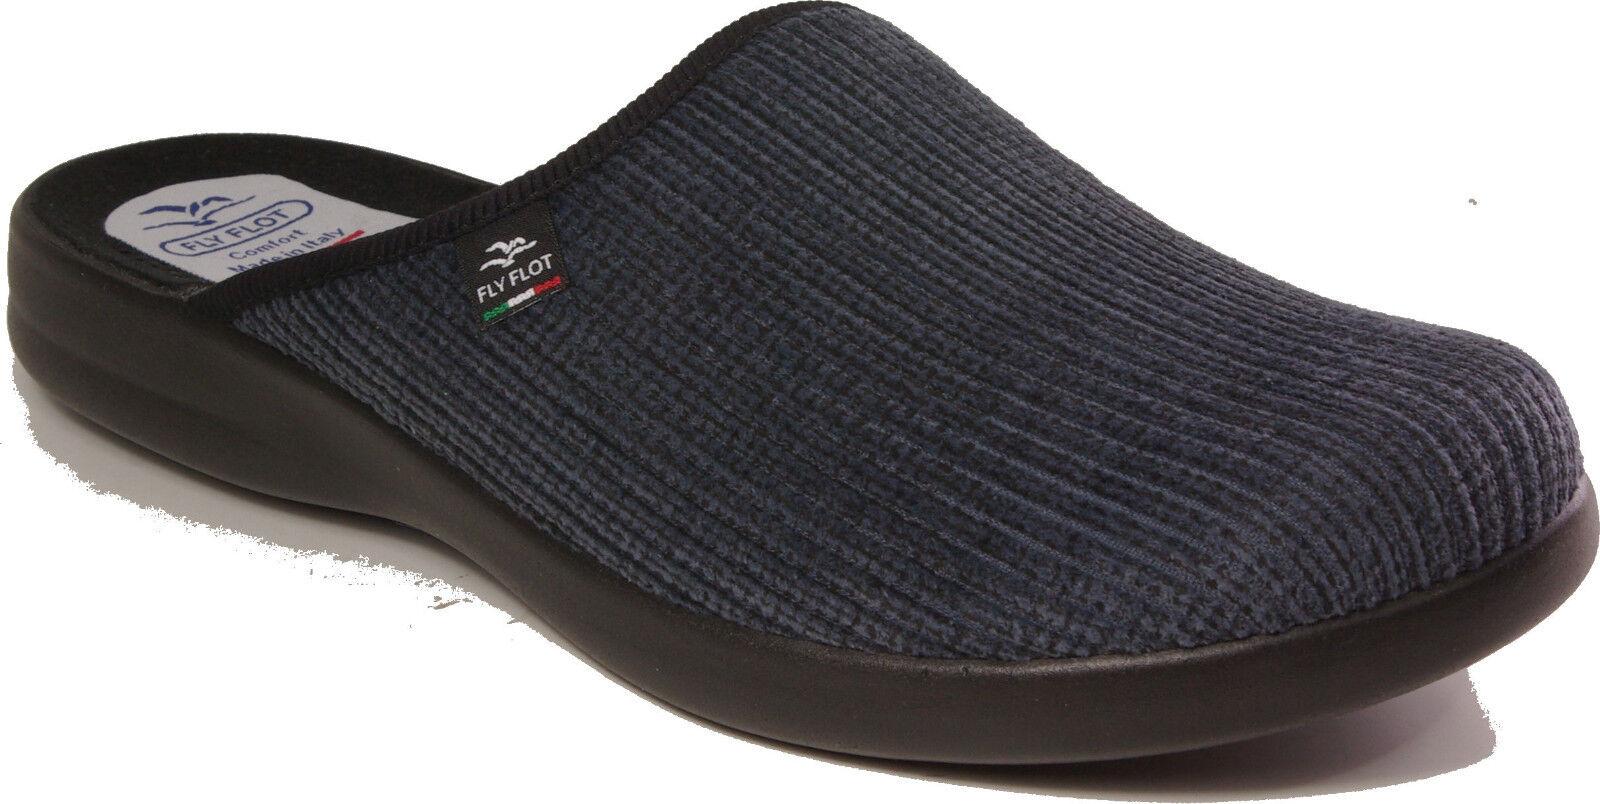 FLYFLOT Hausschuhe Pantoffeln Cord Textil blau  NEU NEU   Latschen 1e964d